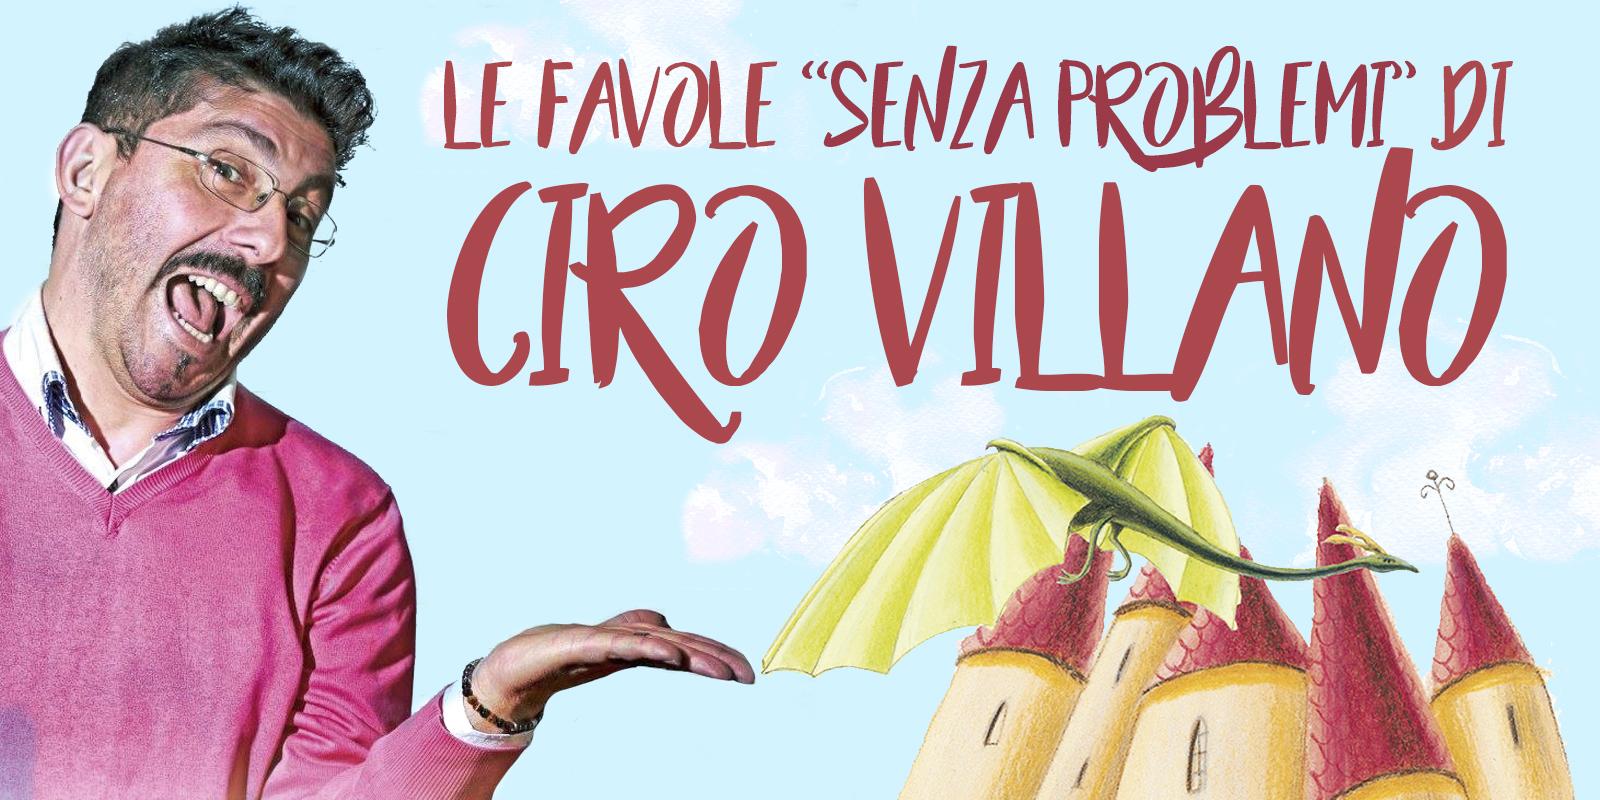 """Le favole """"senza problemi"""" di Ciro Villano"""